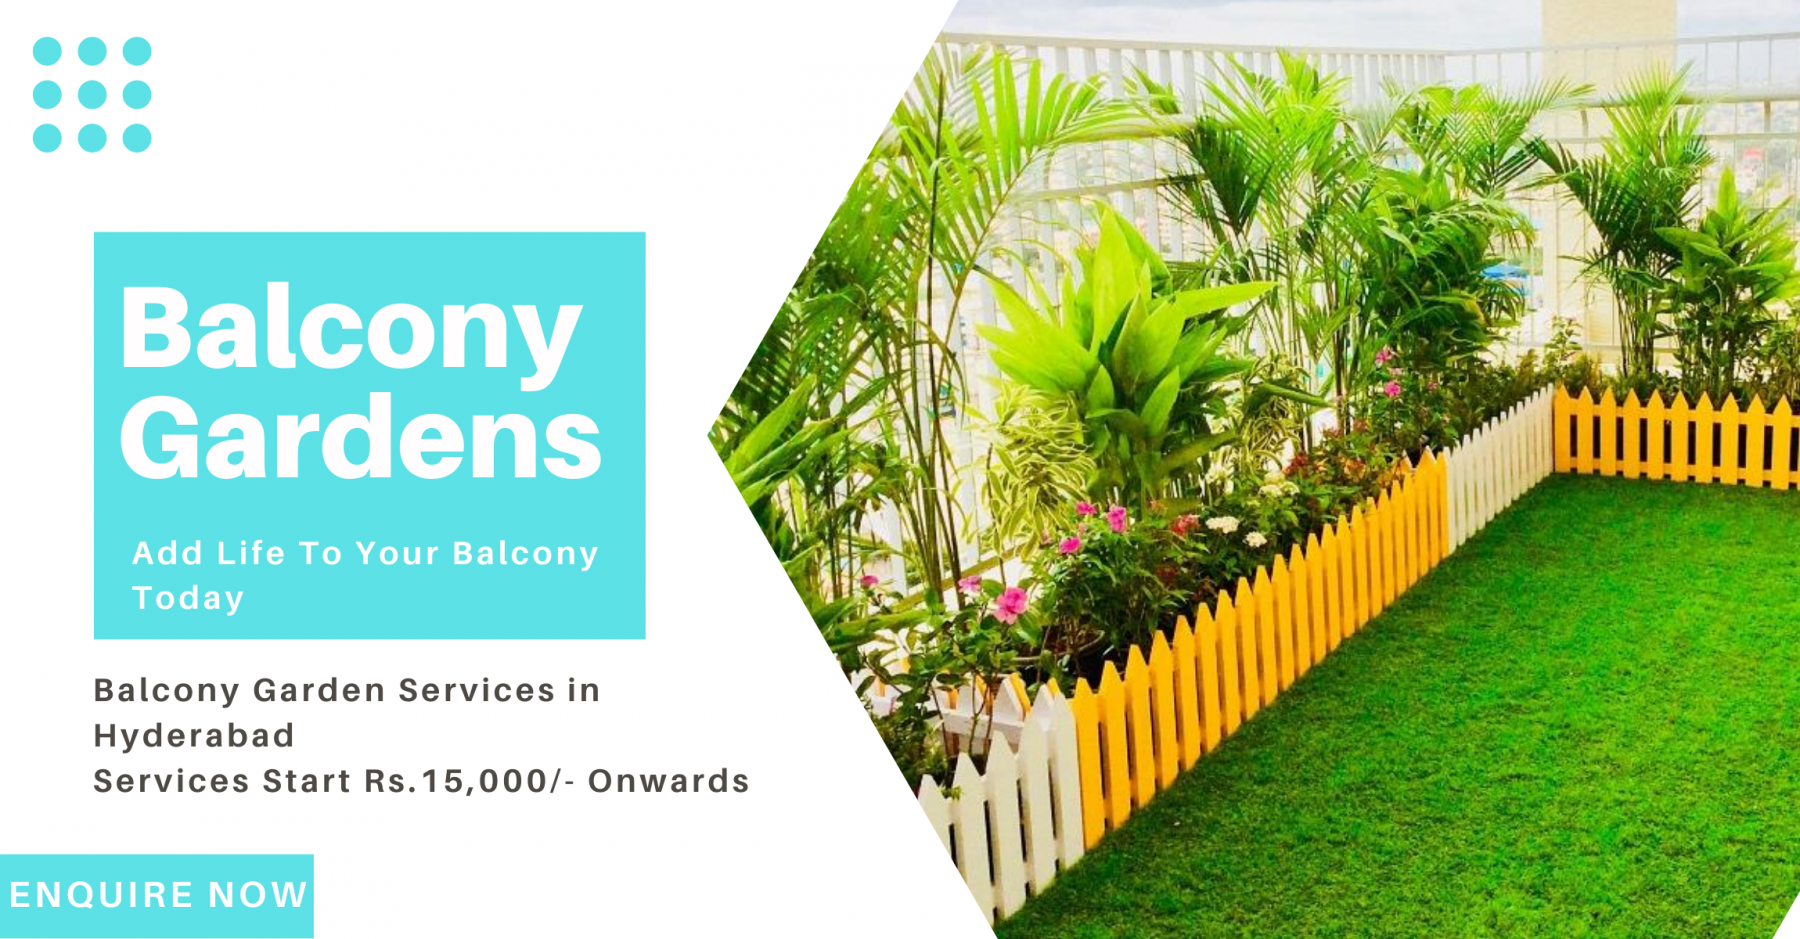 Balcony Garden in hyderabad